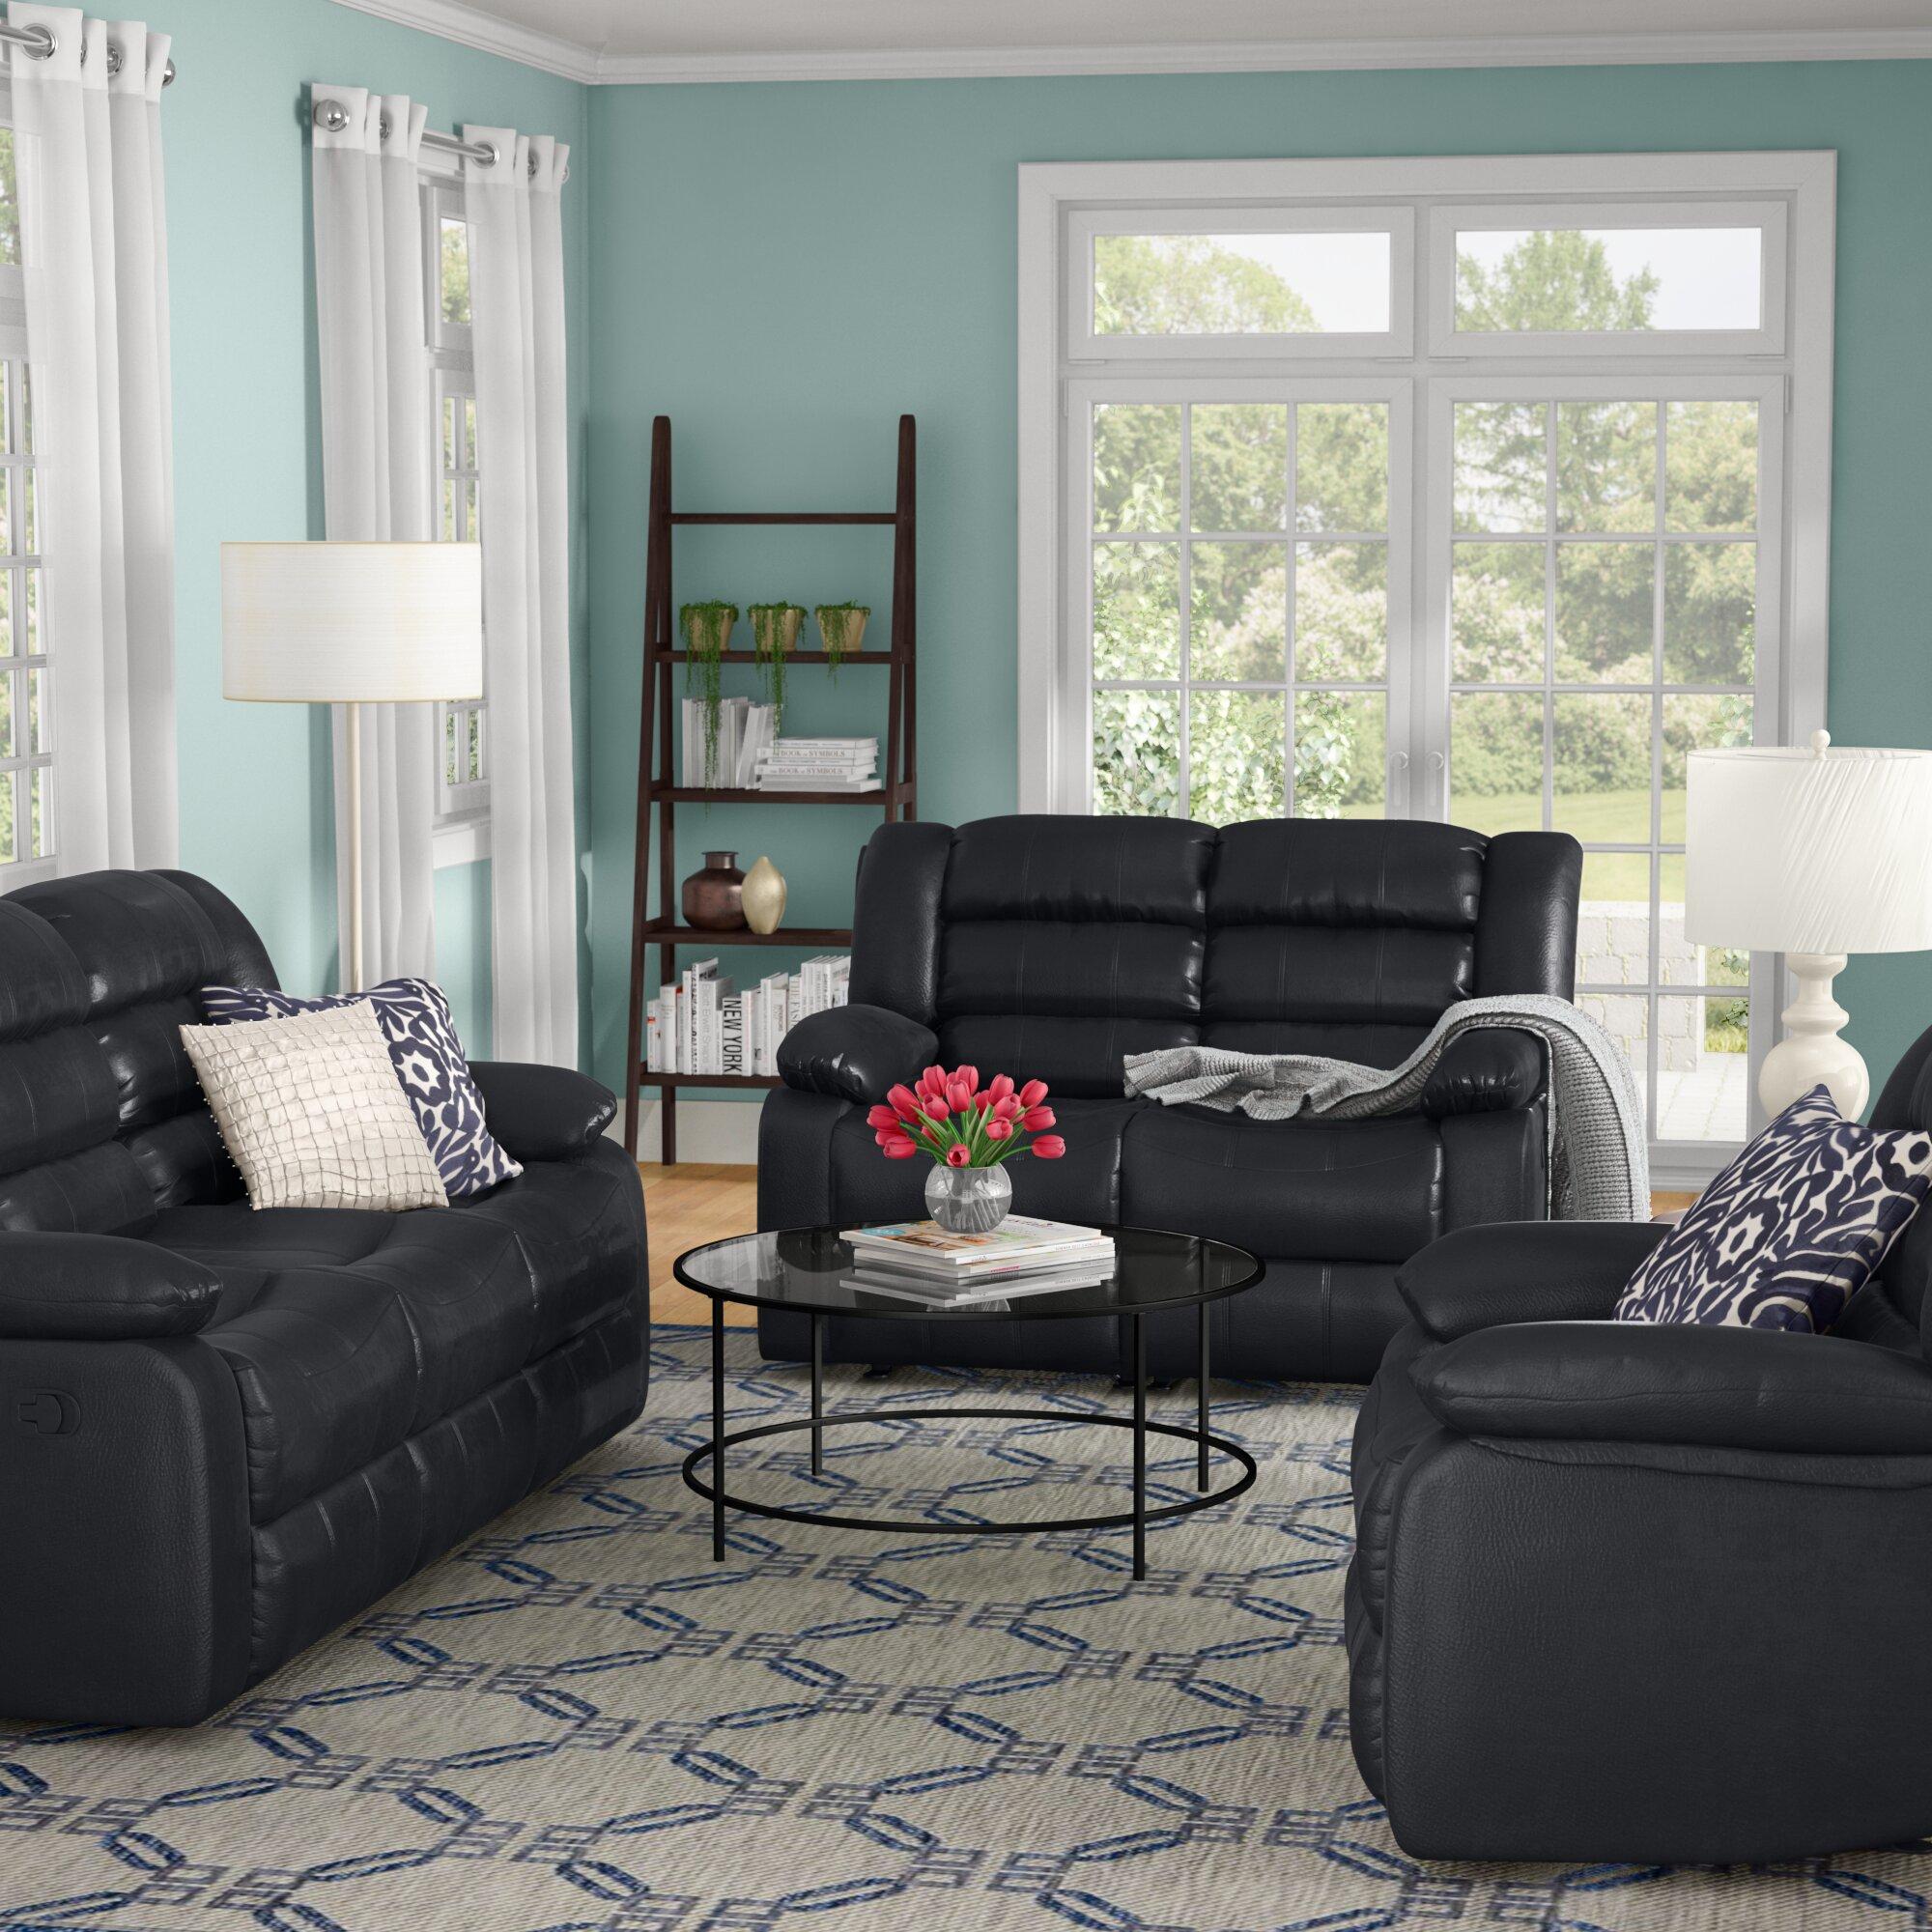 Red Barrel Studio Hamlin Reclining 3 Piece Living Room Set & Reviews ...